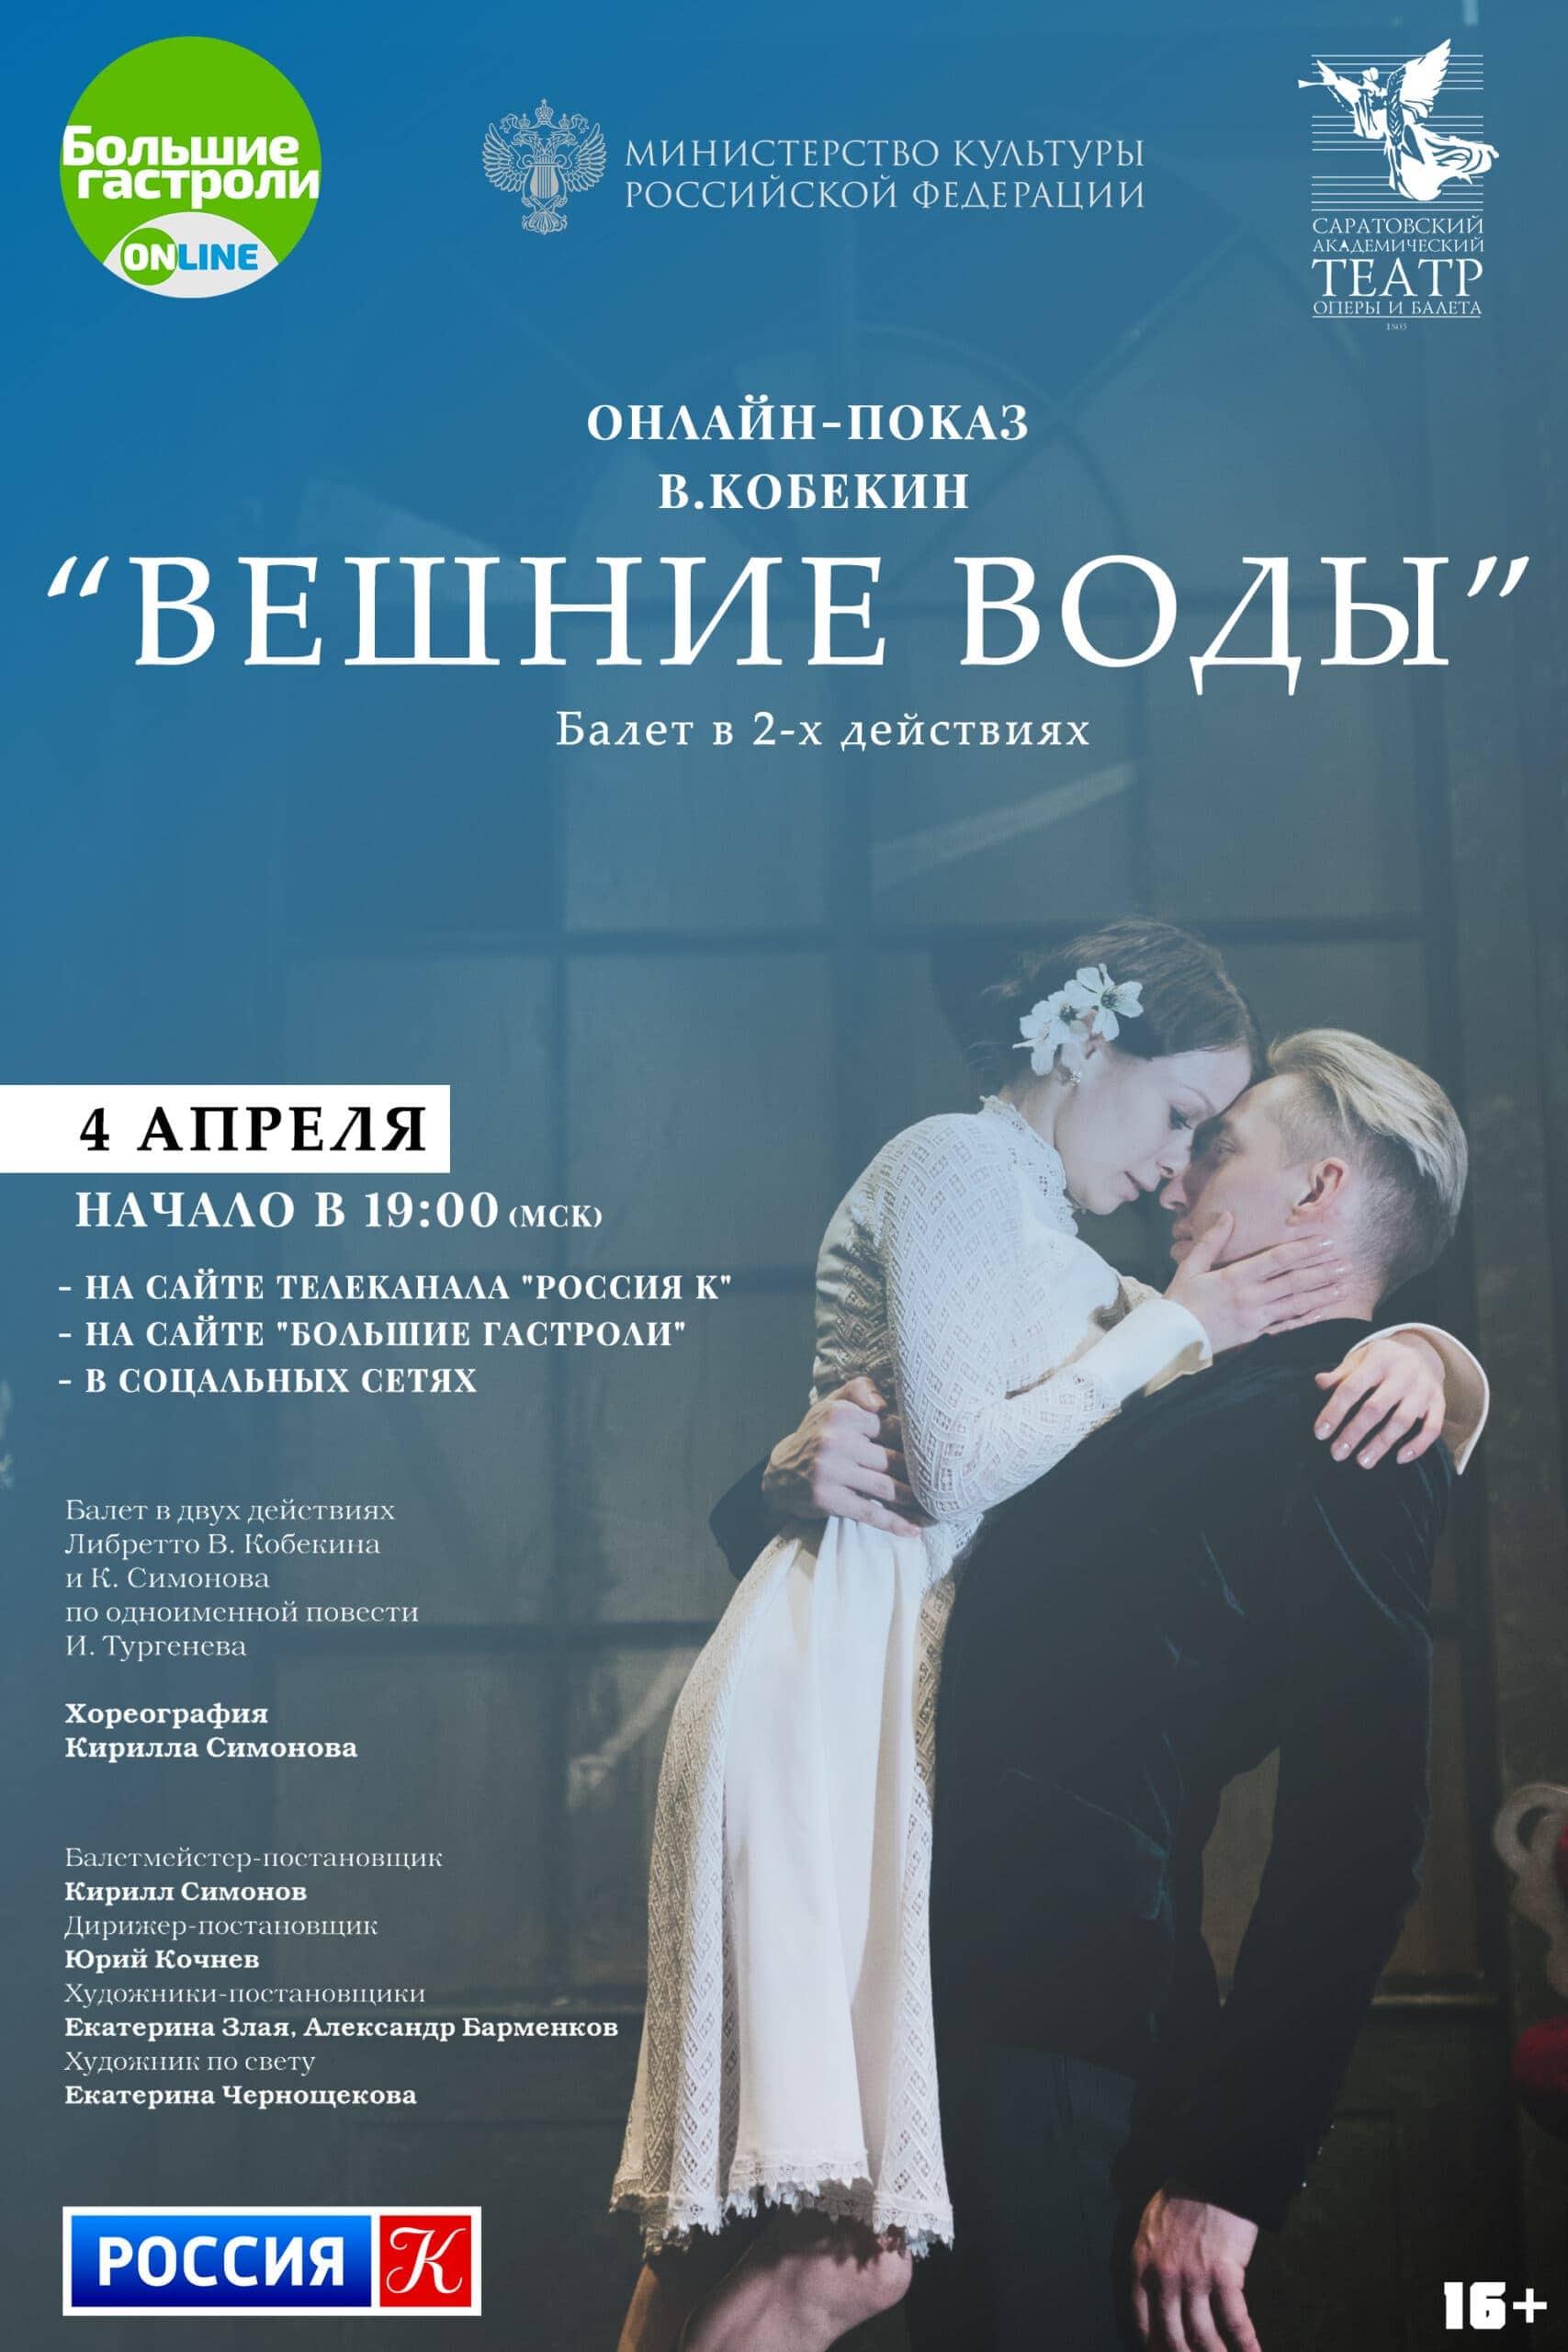 Спектакль Саратовского театра оперы и балета вошел в программу «Большие гастроли онлайн»